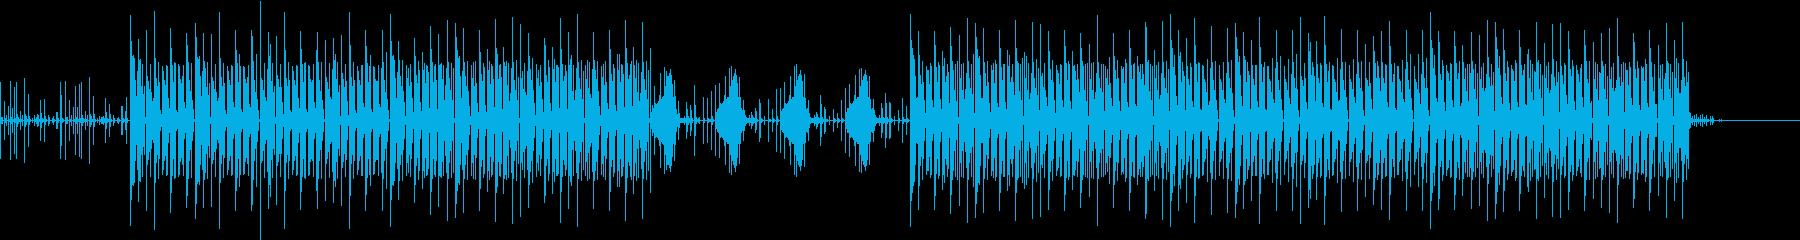 おしゃれ・シンプル・EDM・空気感2の再生済みの波形